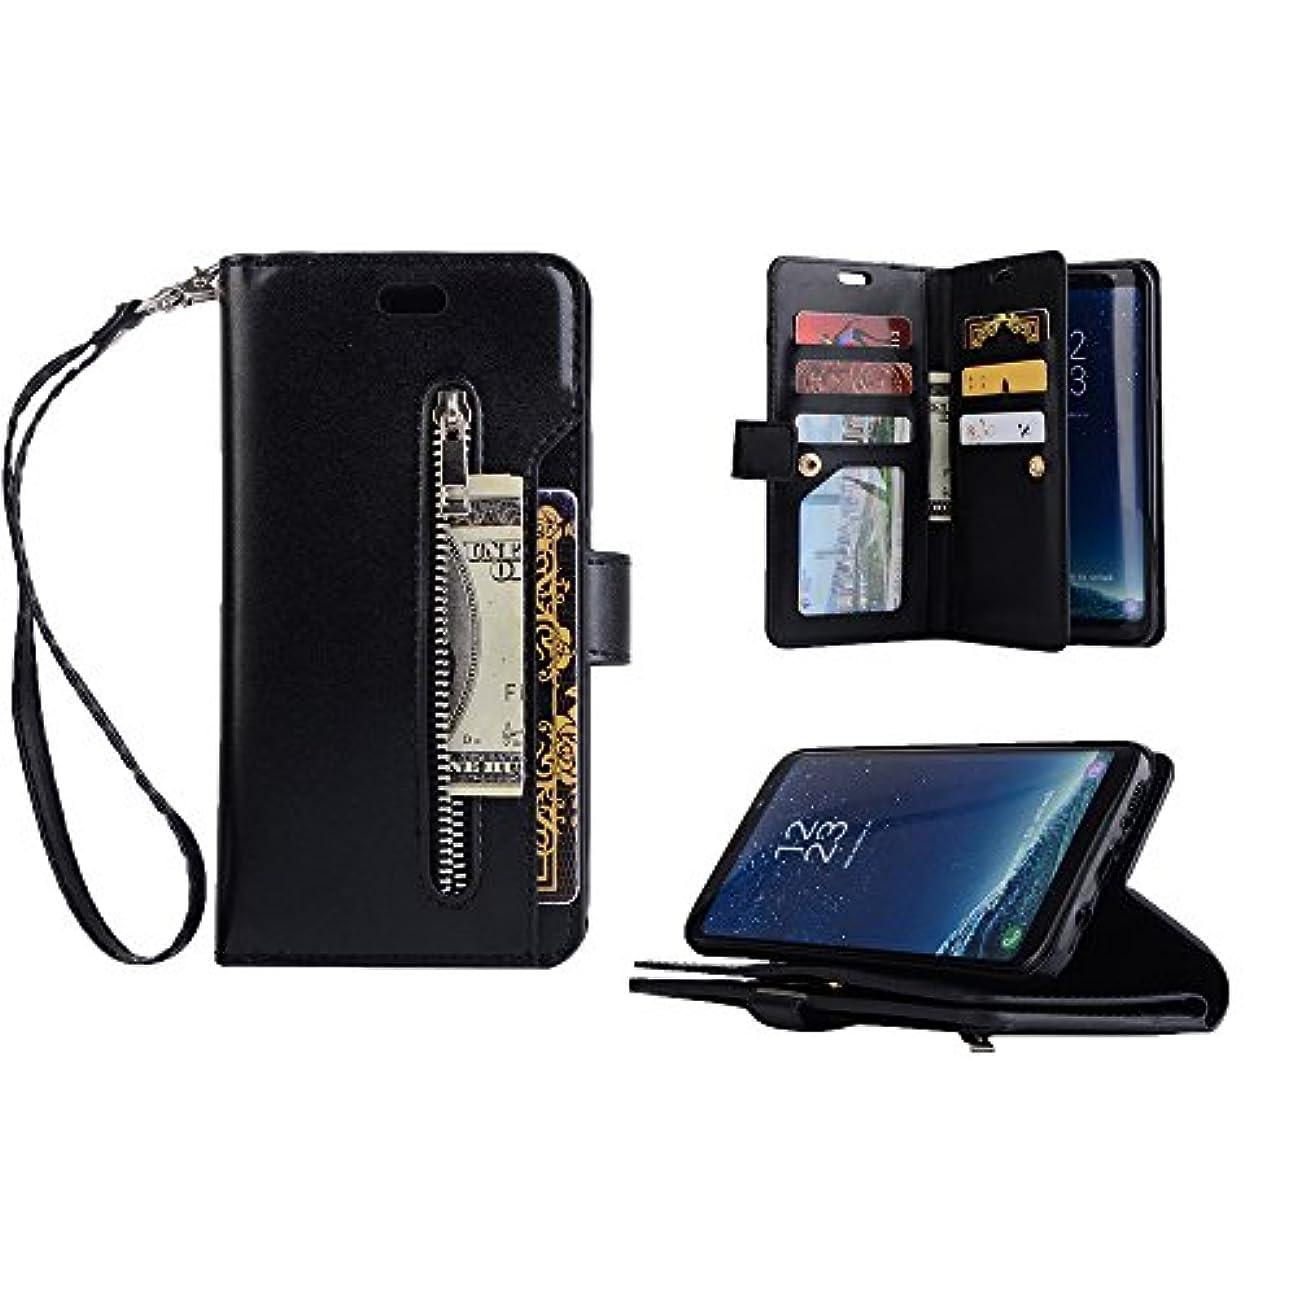 帝国プライム早めるGalaxy S8 Plus おしゃれカバー PUレザー カード収納 スタンド機能 ストラップ付き 手帳型ケース ギャラクシー S8 Plus対応 ブラックメンズ かっこいい ビジネス